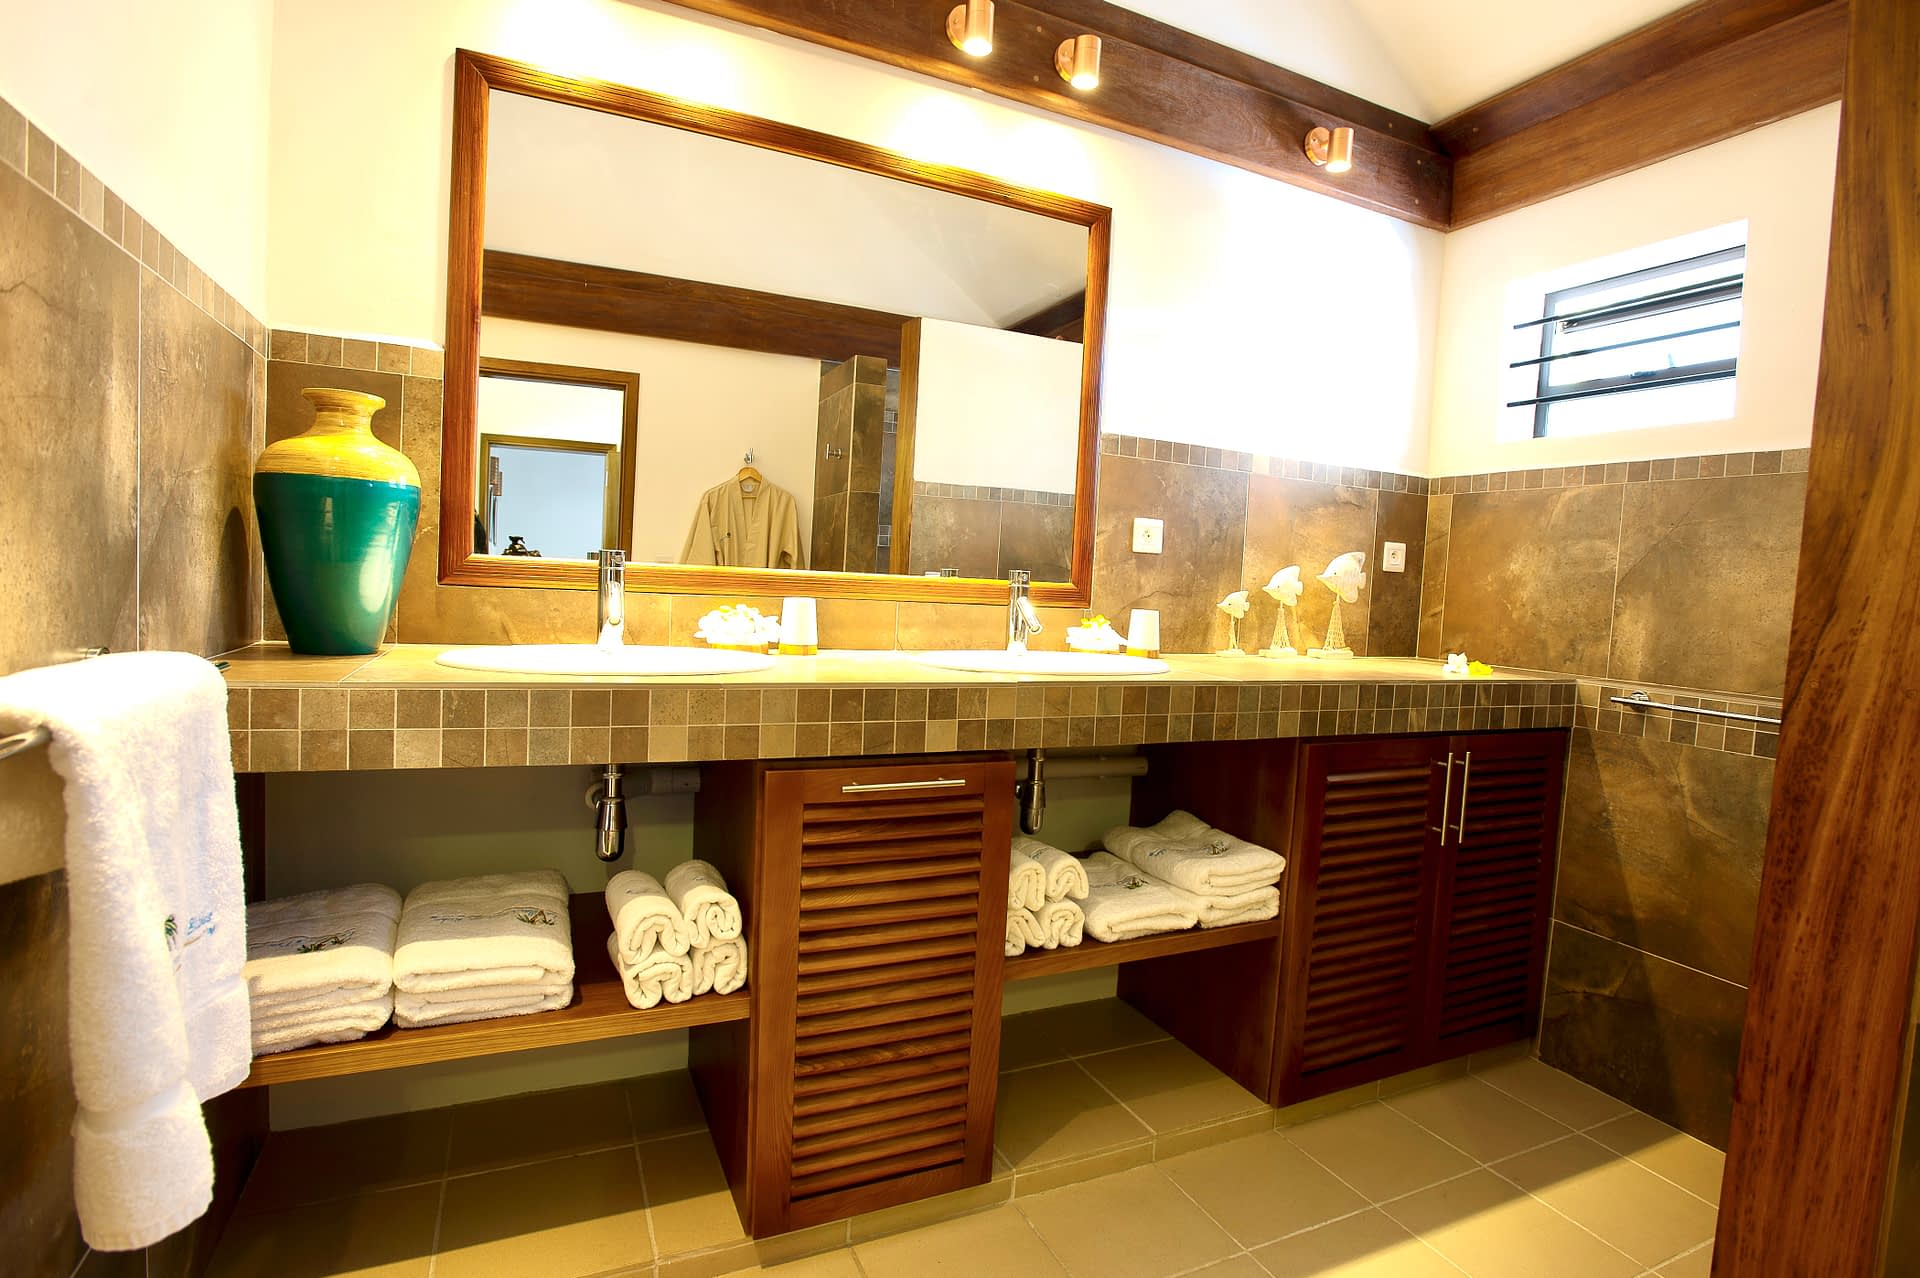 Villa Tropic 1 bathroom ensuite